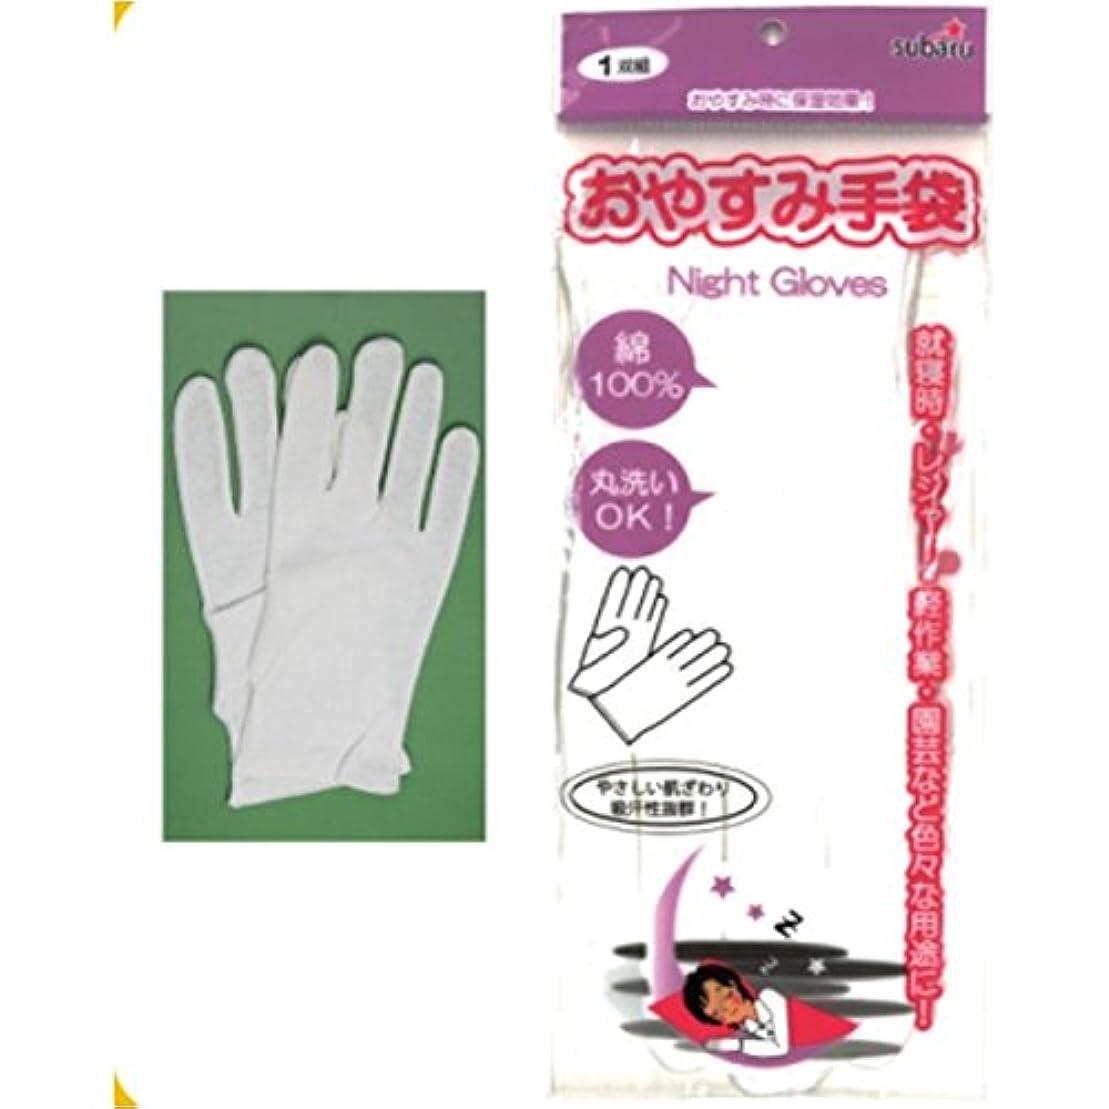 スムーズに悪化するライブおやすみ手袋 (12個セット) 227-08